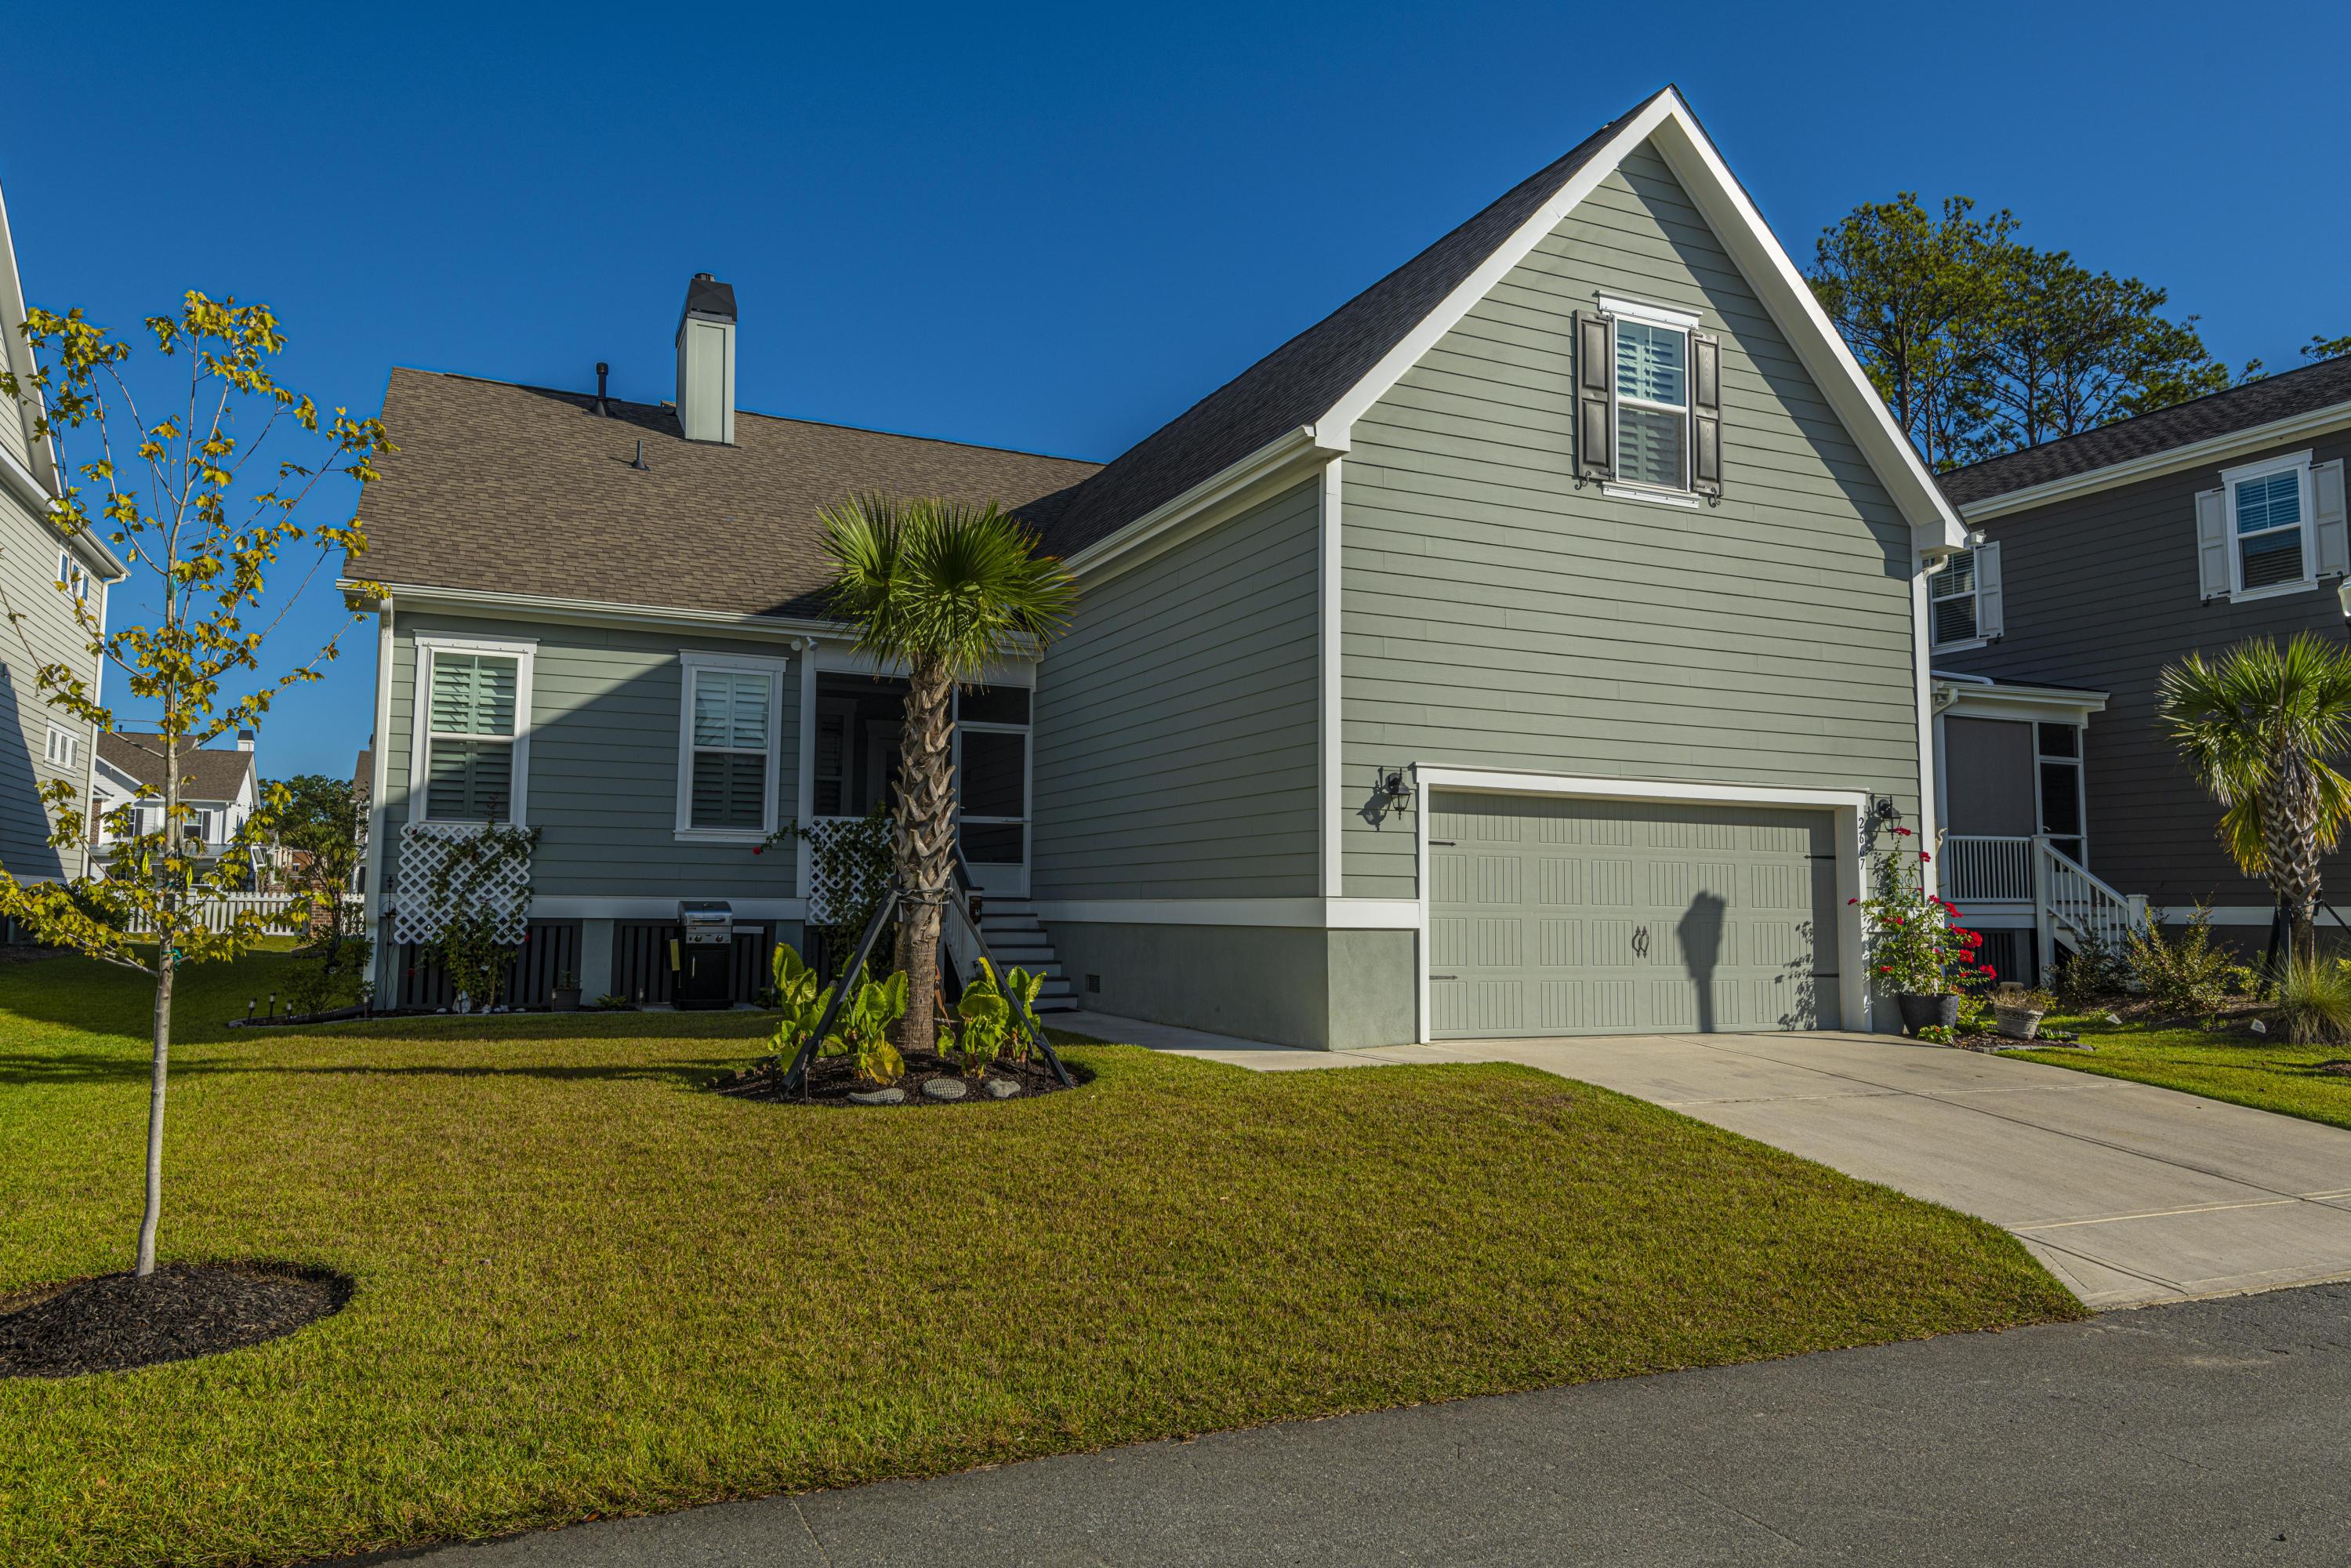 Park West Homes For Sale - 2667 Park West, Mount Pleasant, SC - 33